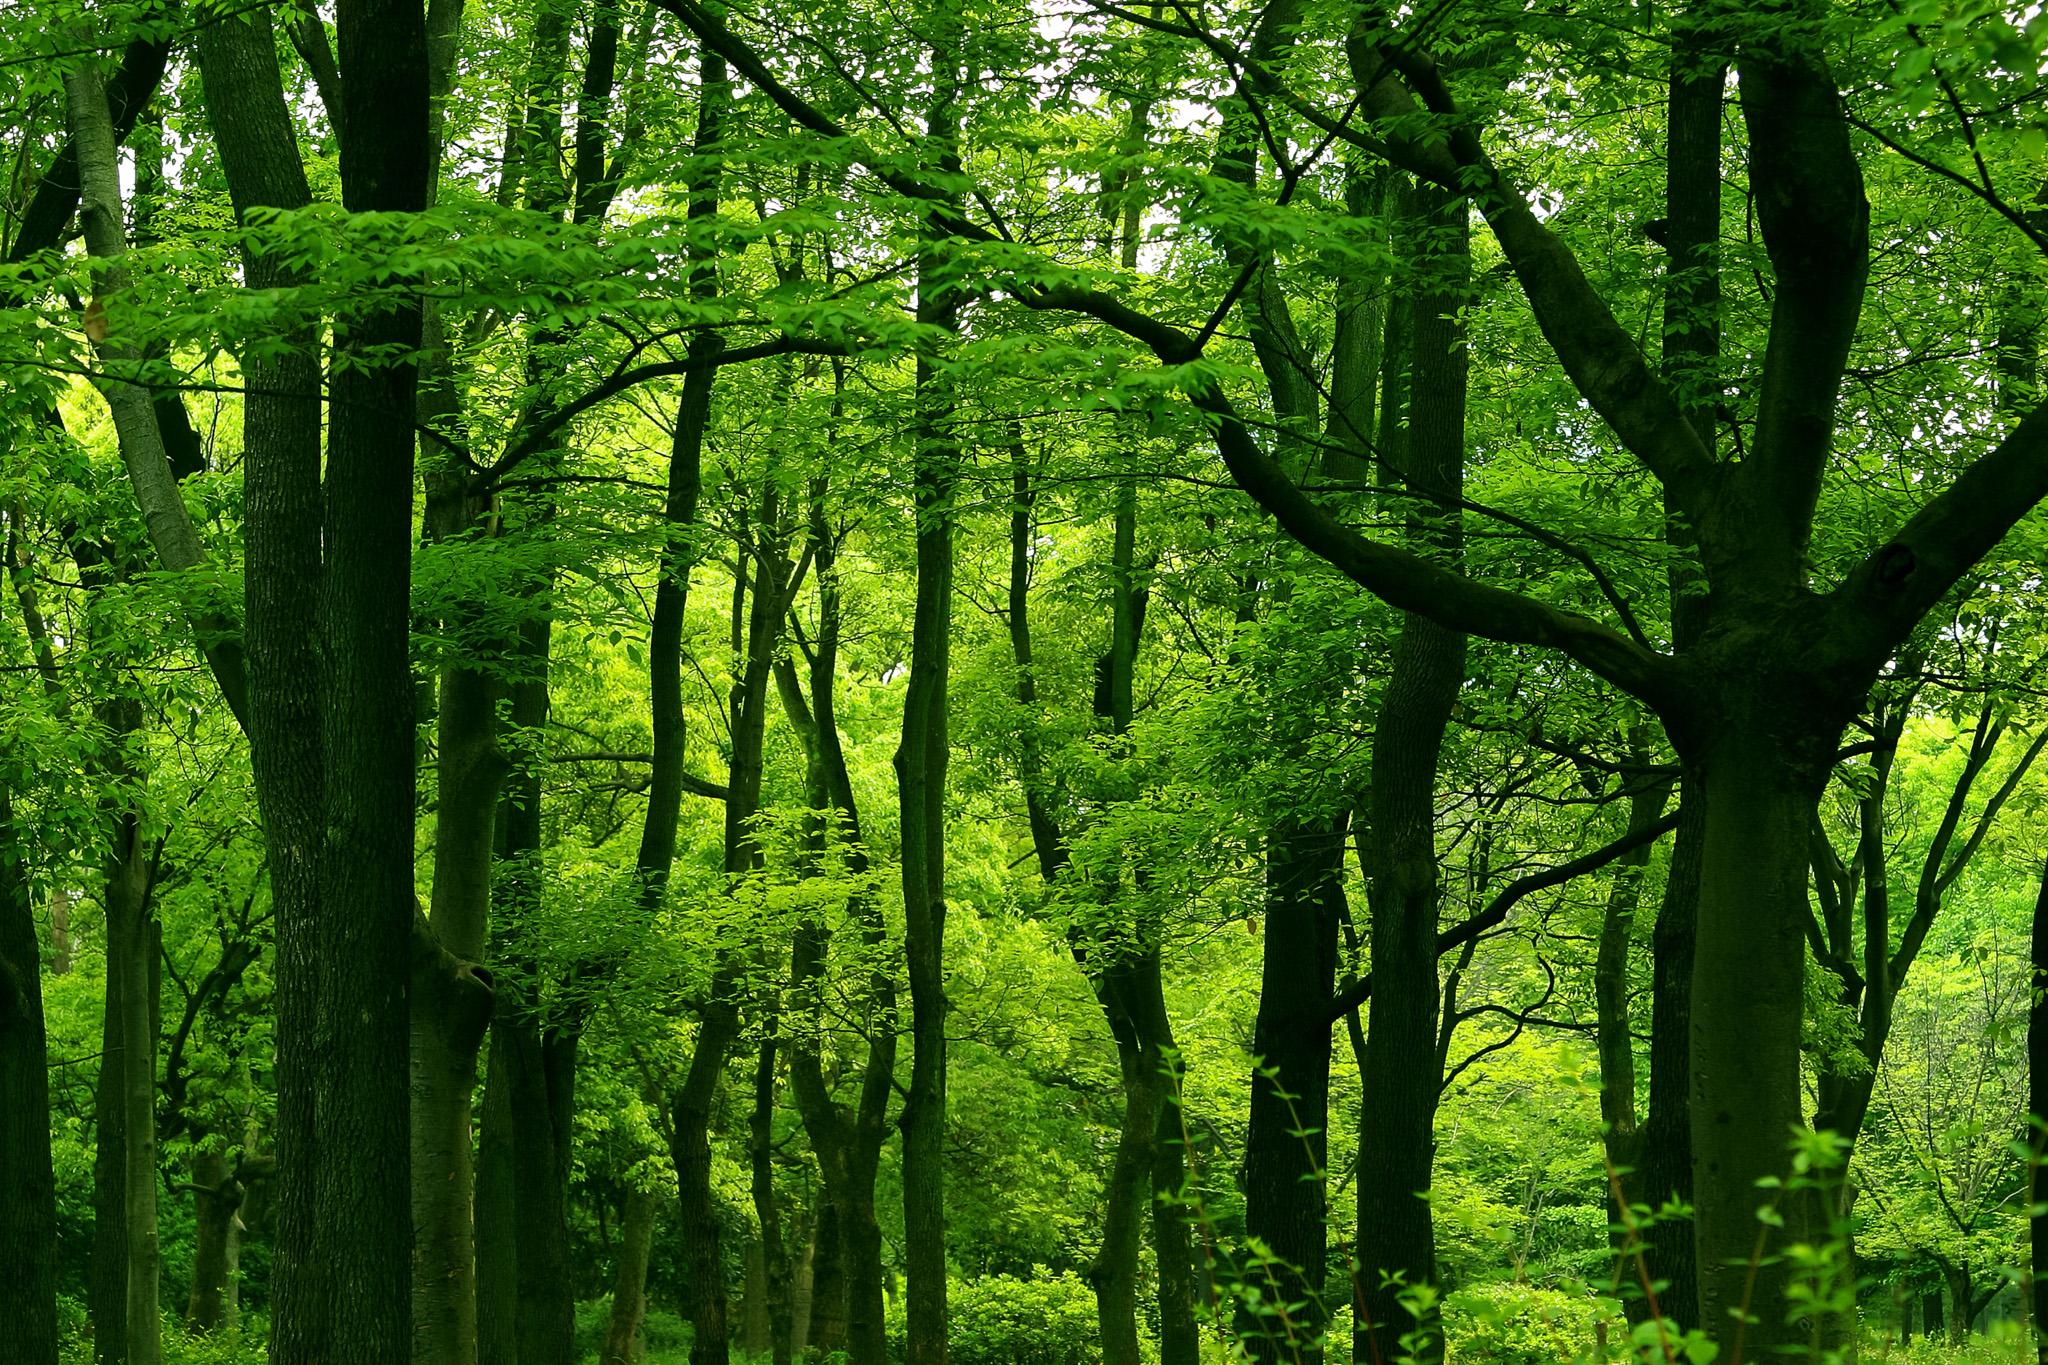 「光浴びる鮮やかな緑と幹のコントラスト」